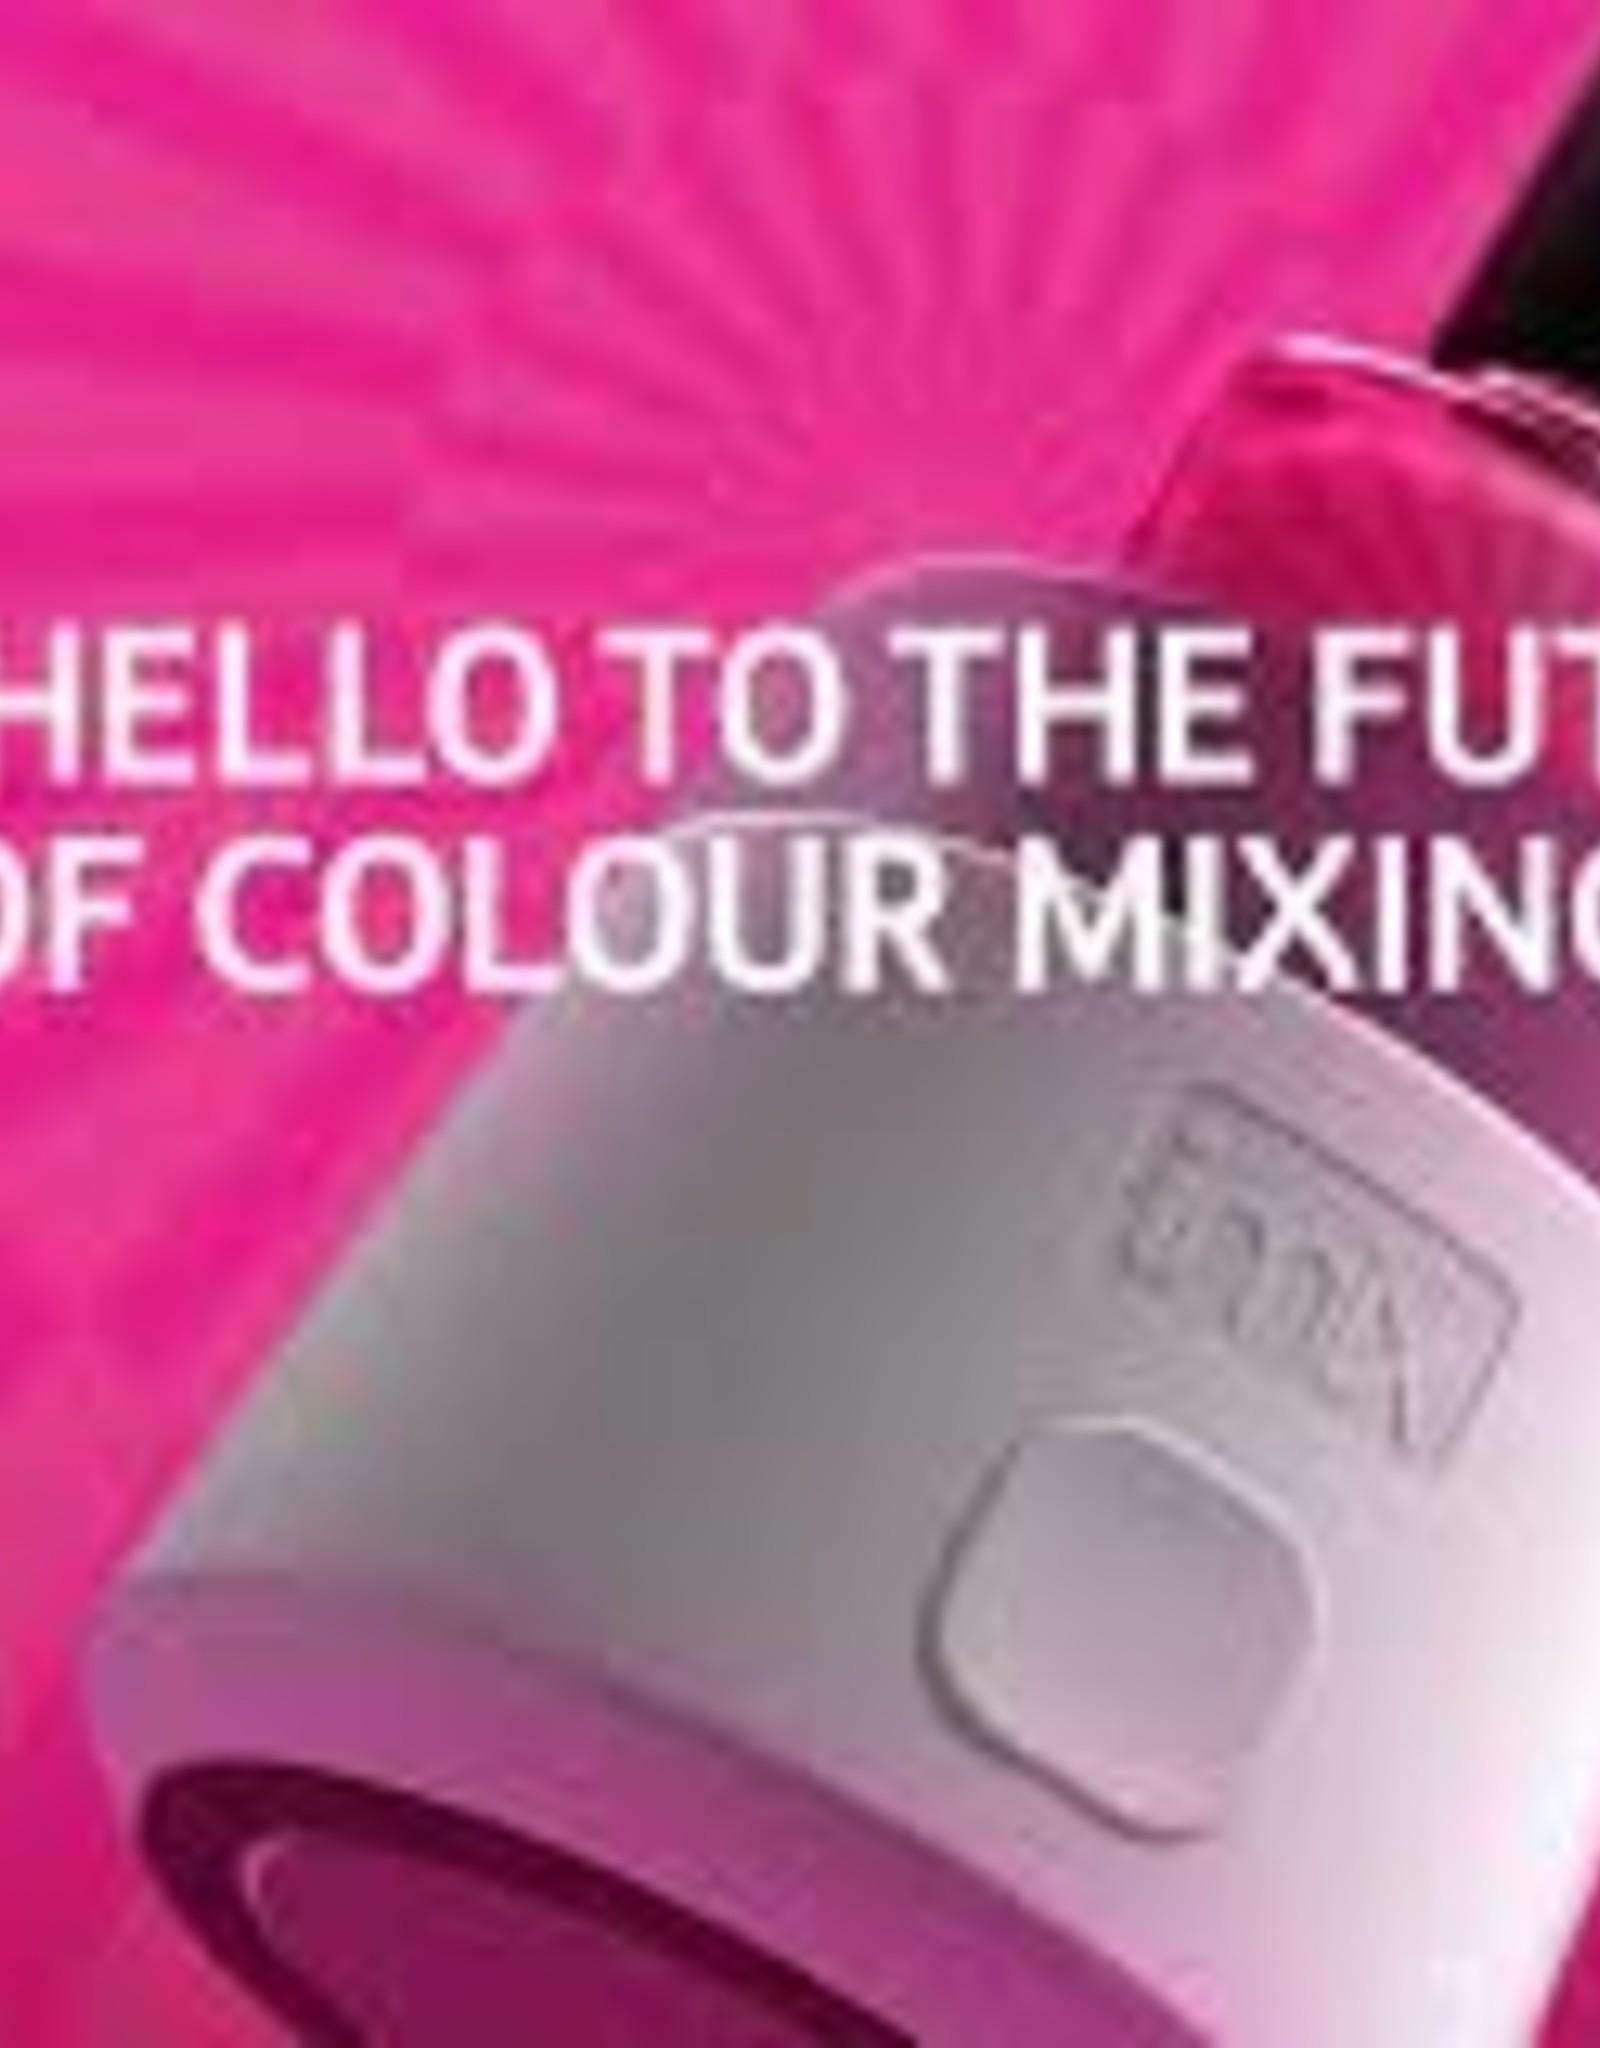 imix mixer pack 50